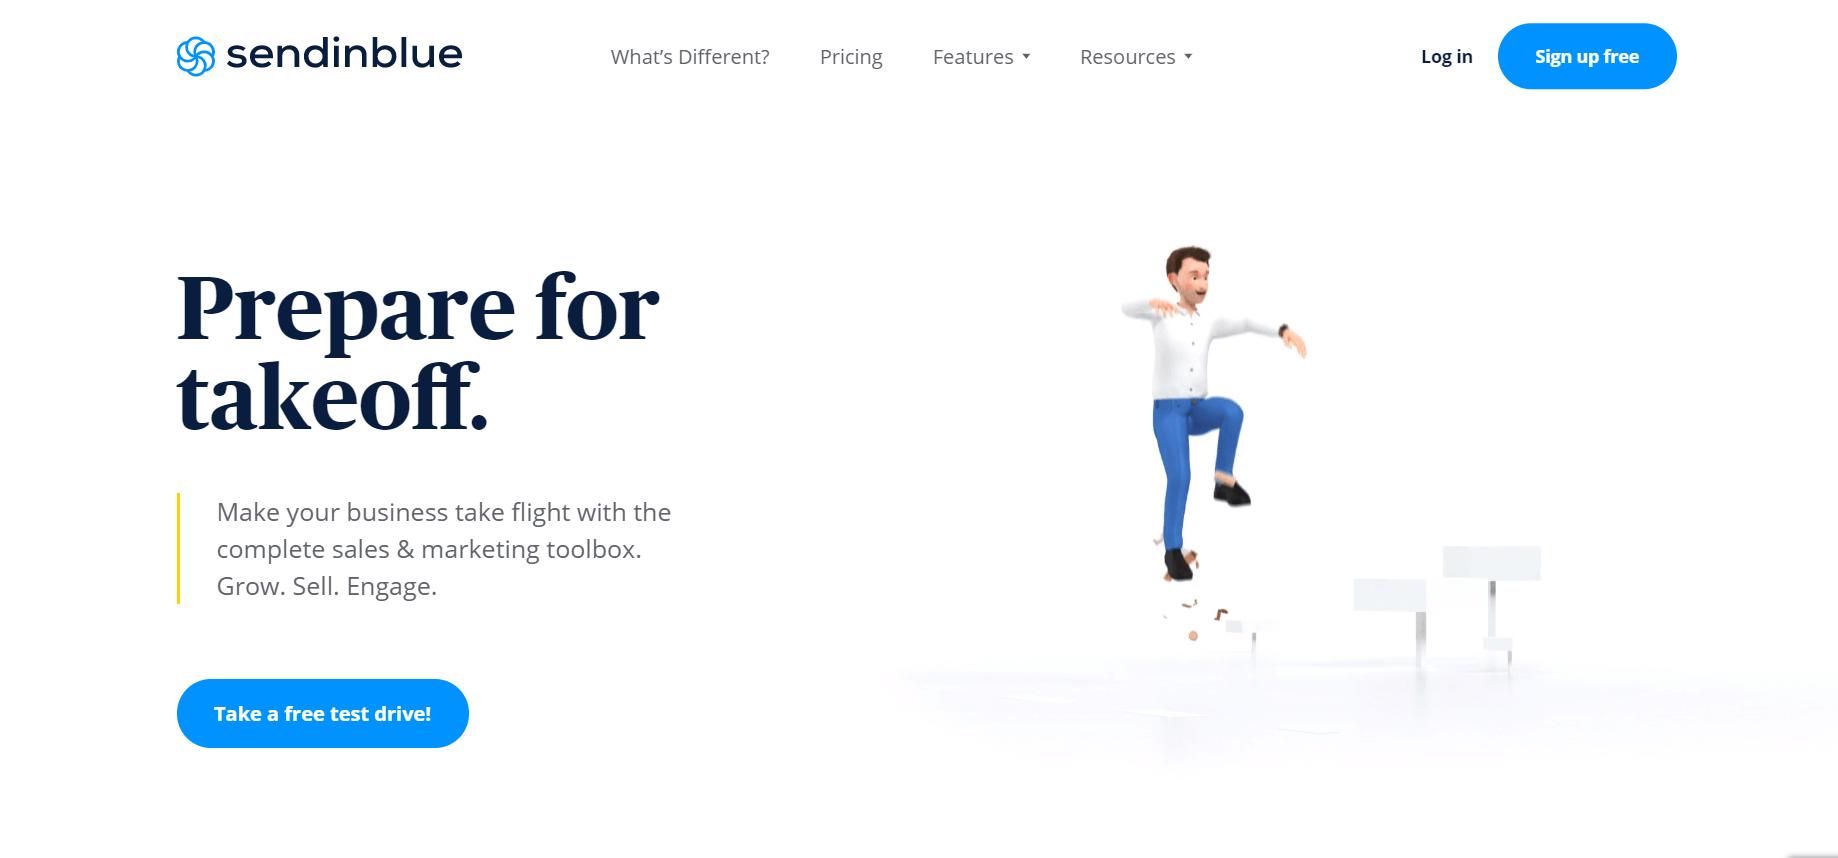 Plataforma de marketing por correo electrónico SendinBlue